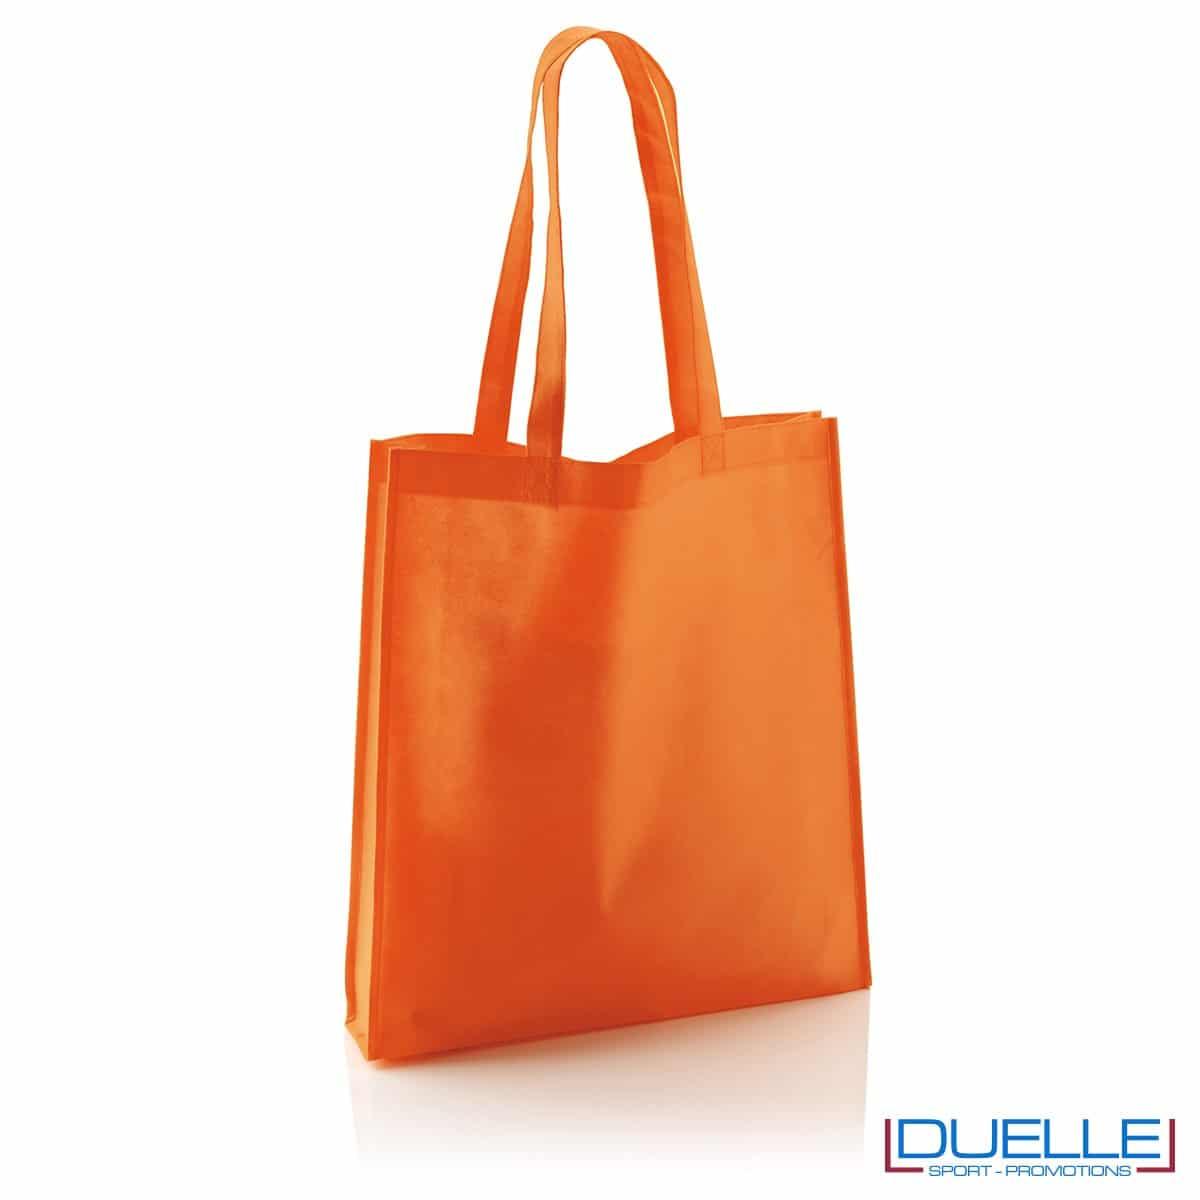 Shopper borsa in TNT personalizzata con soffietto colore arancione